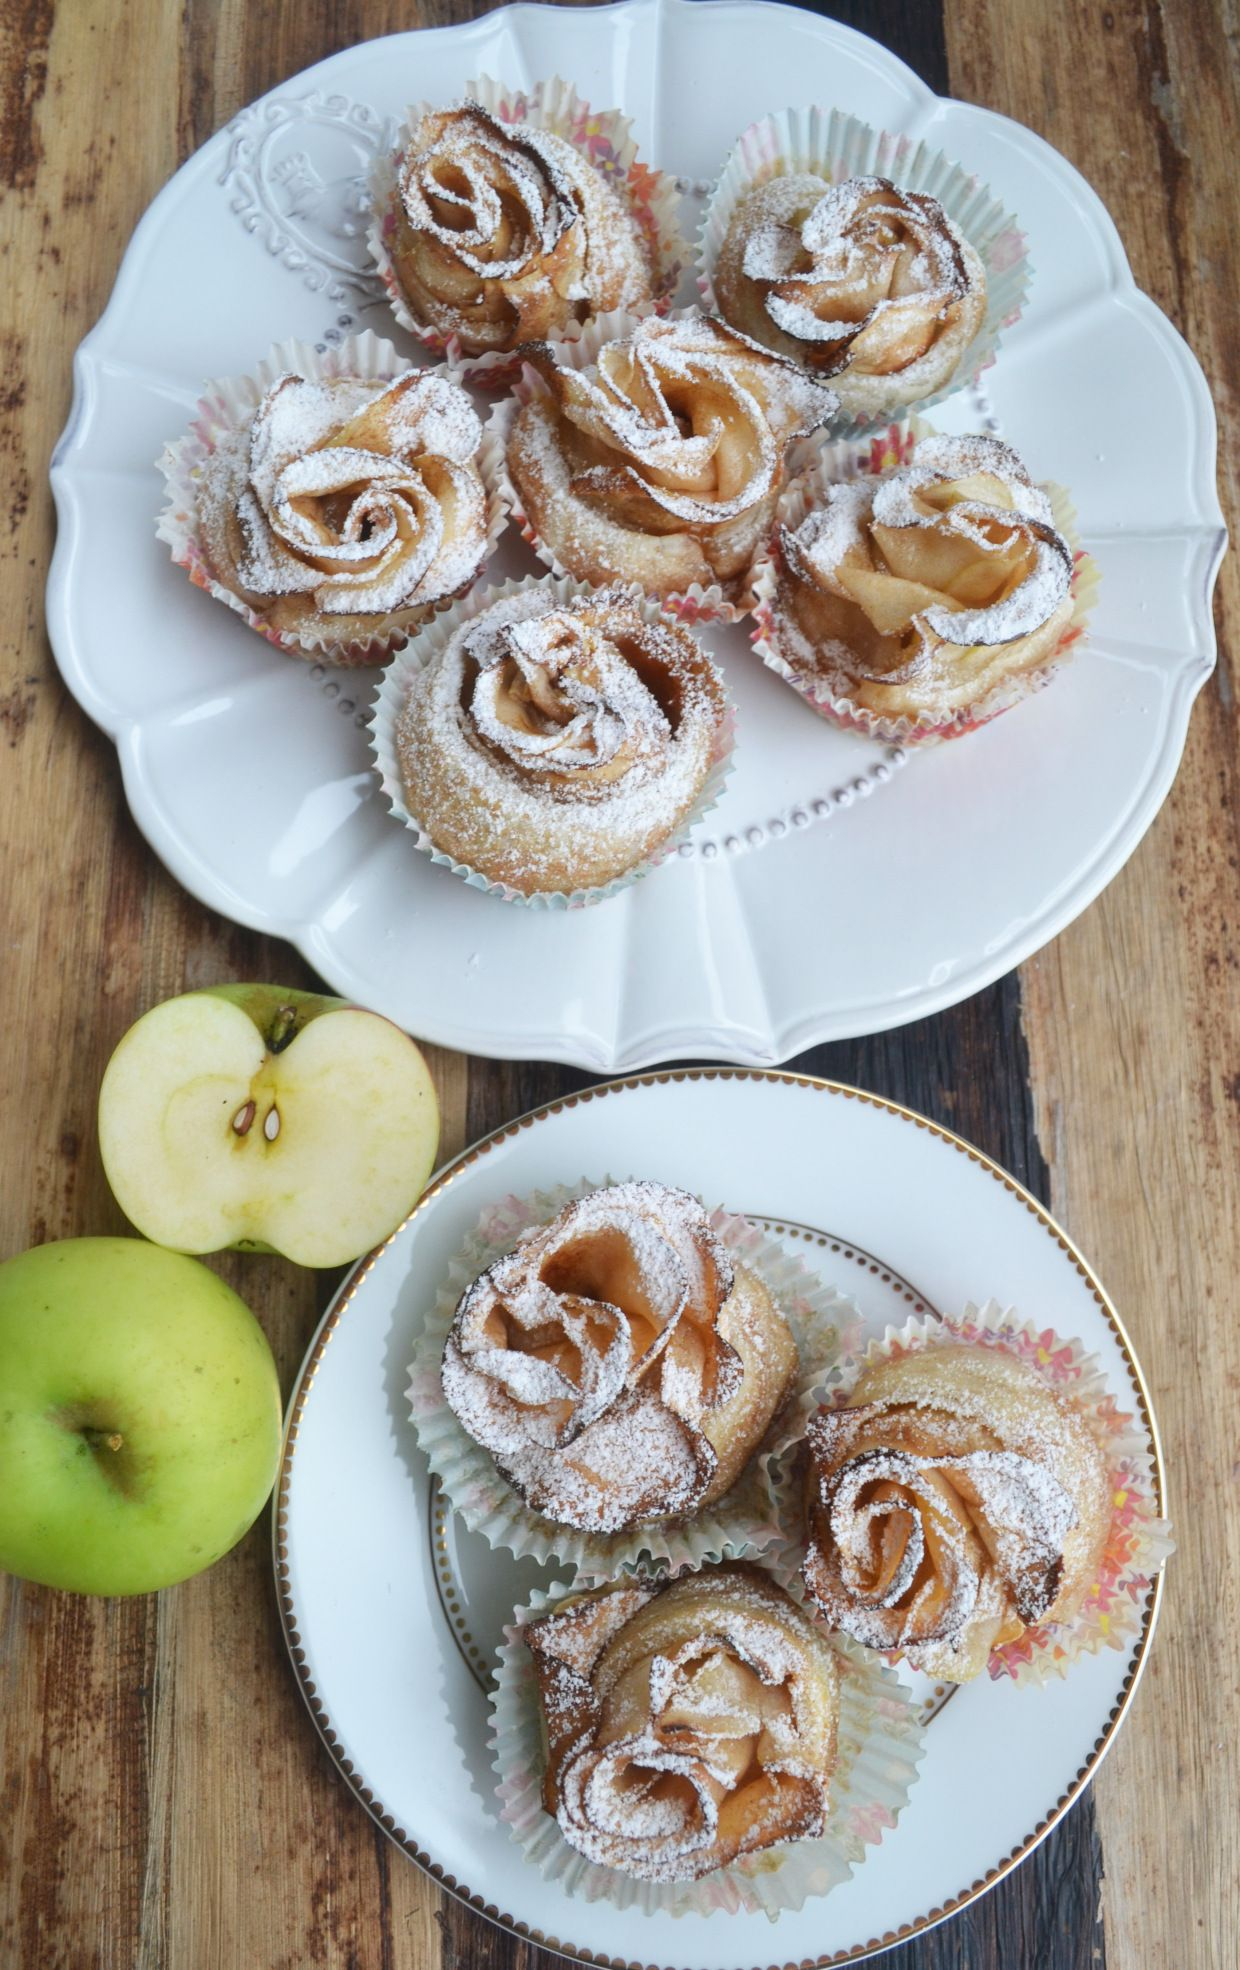 Eine süsse Kleinigkeit – mit Liebe gebacken! Apfel-Blätterteig-Rosen